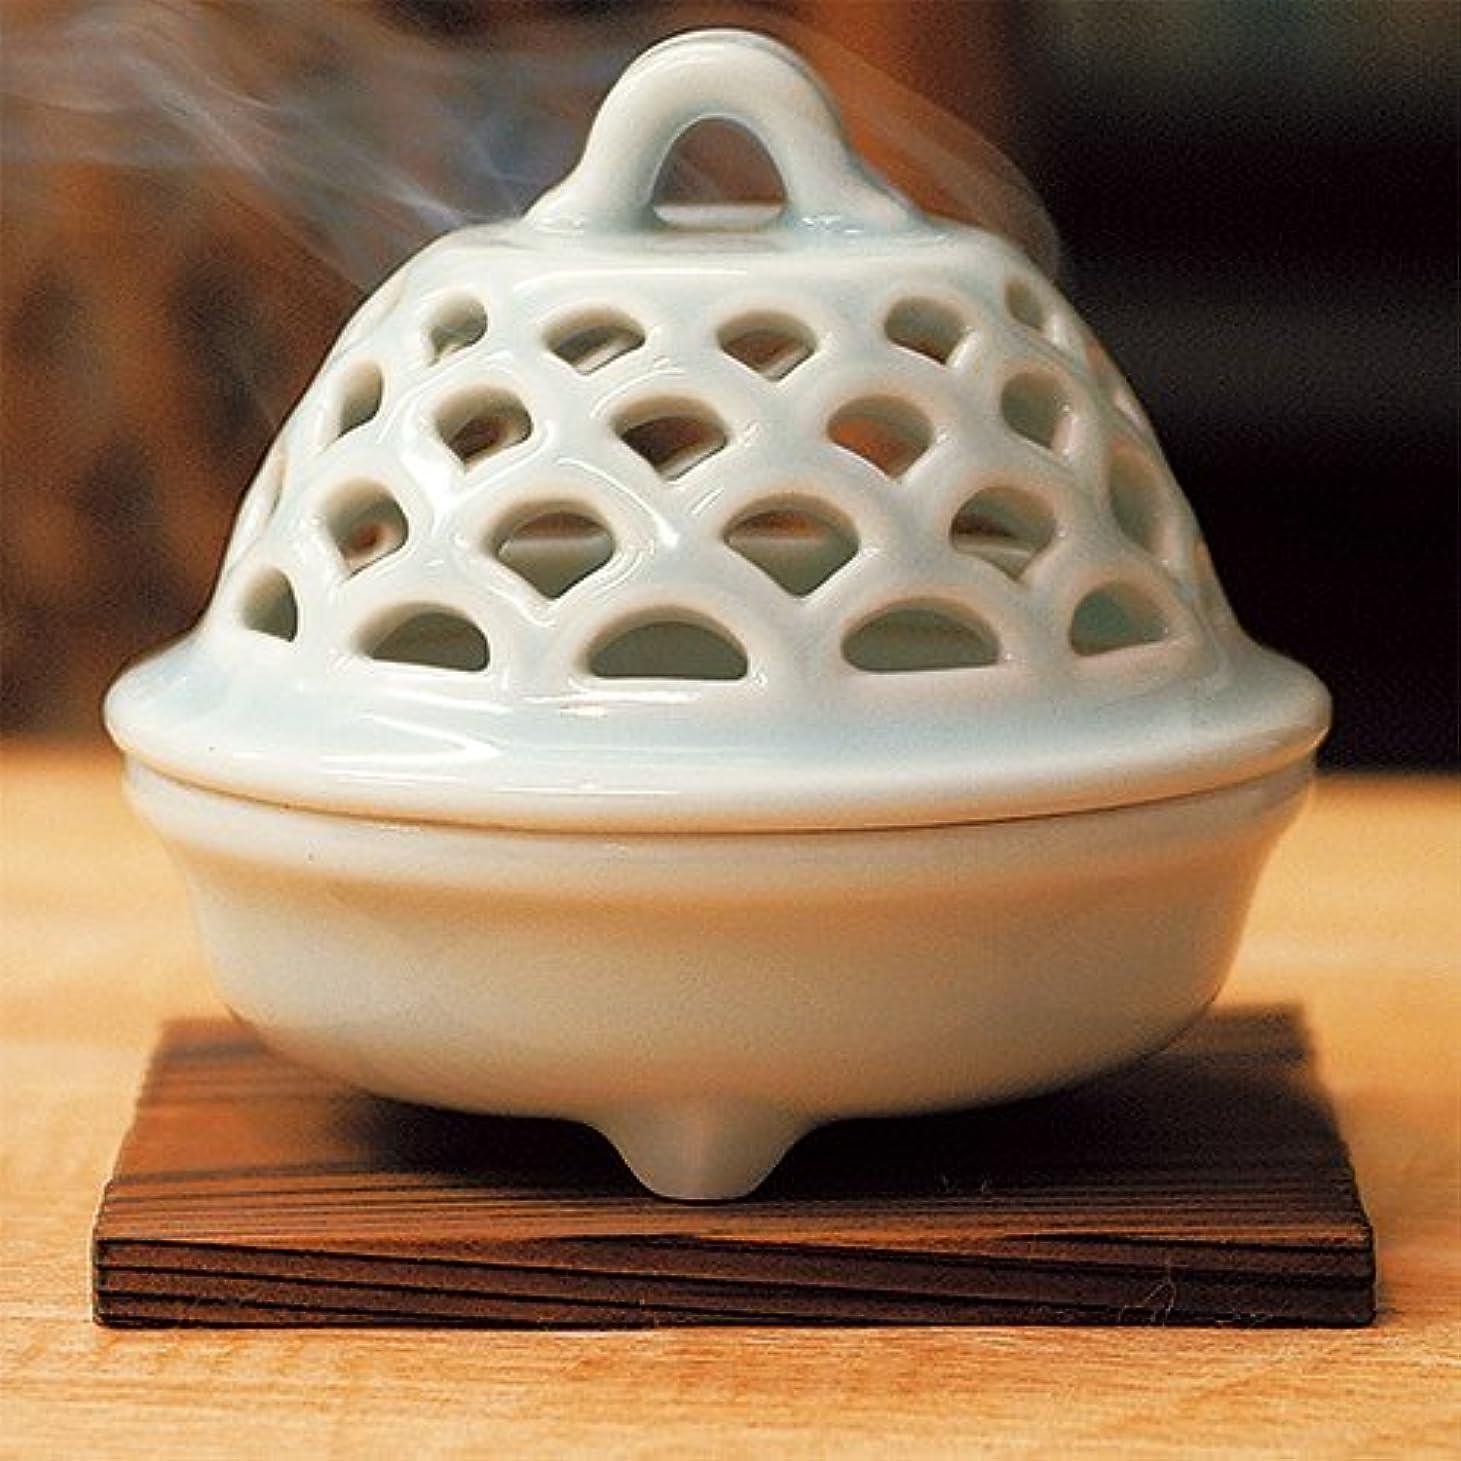 棚トランクひどく香炉 青磁 透し彫り 香炉 [R9.5xH9cm] プレゼント ギフト 和食器 かわいい インテリア